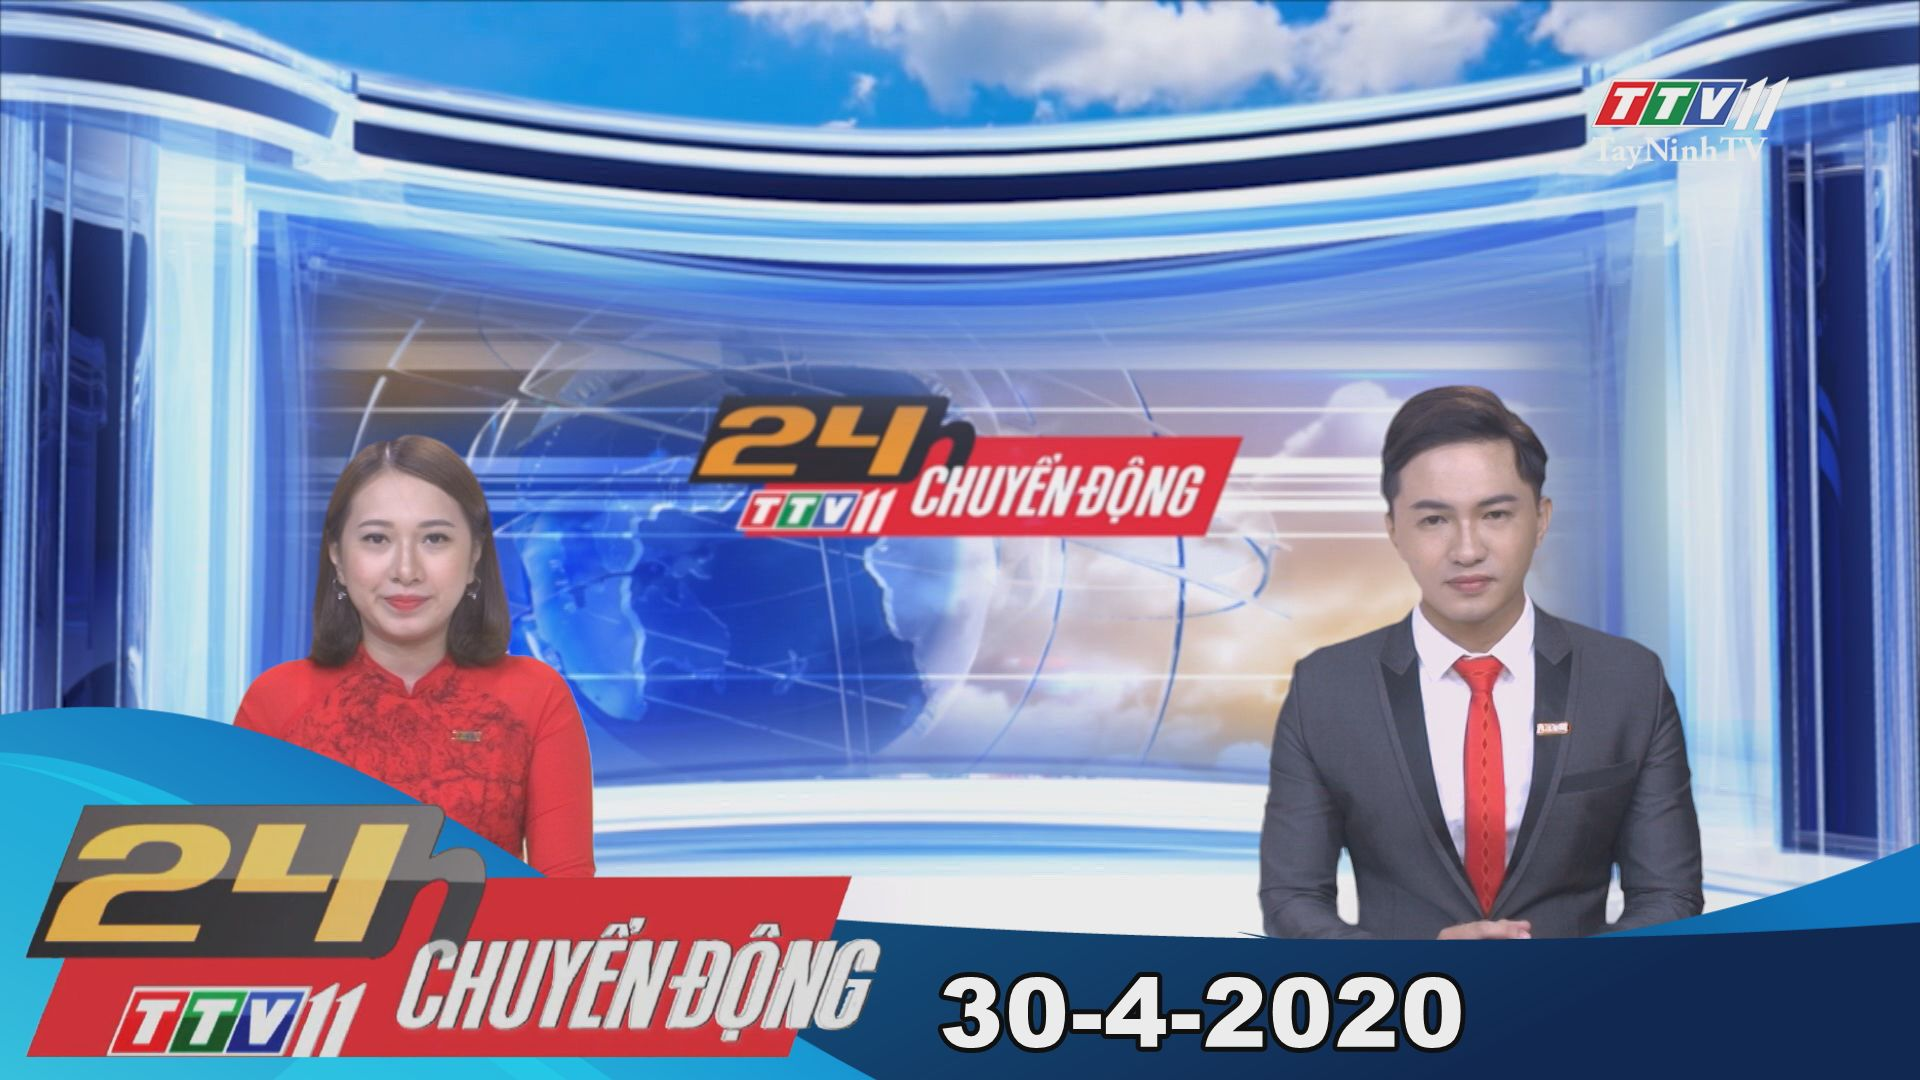 24h Chuyển động 30-4-2020 | Tin tức hôm nay | TayNinhTV